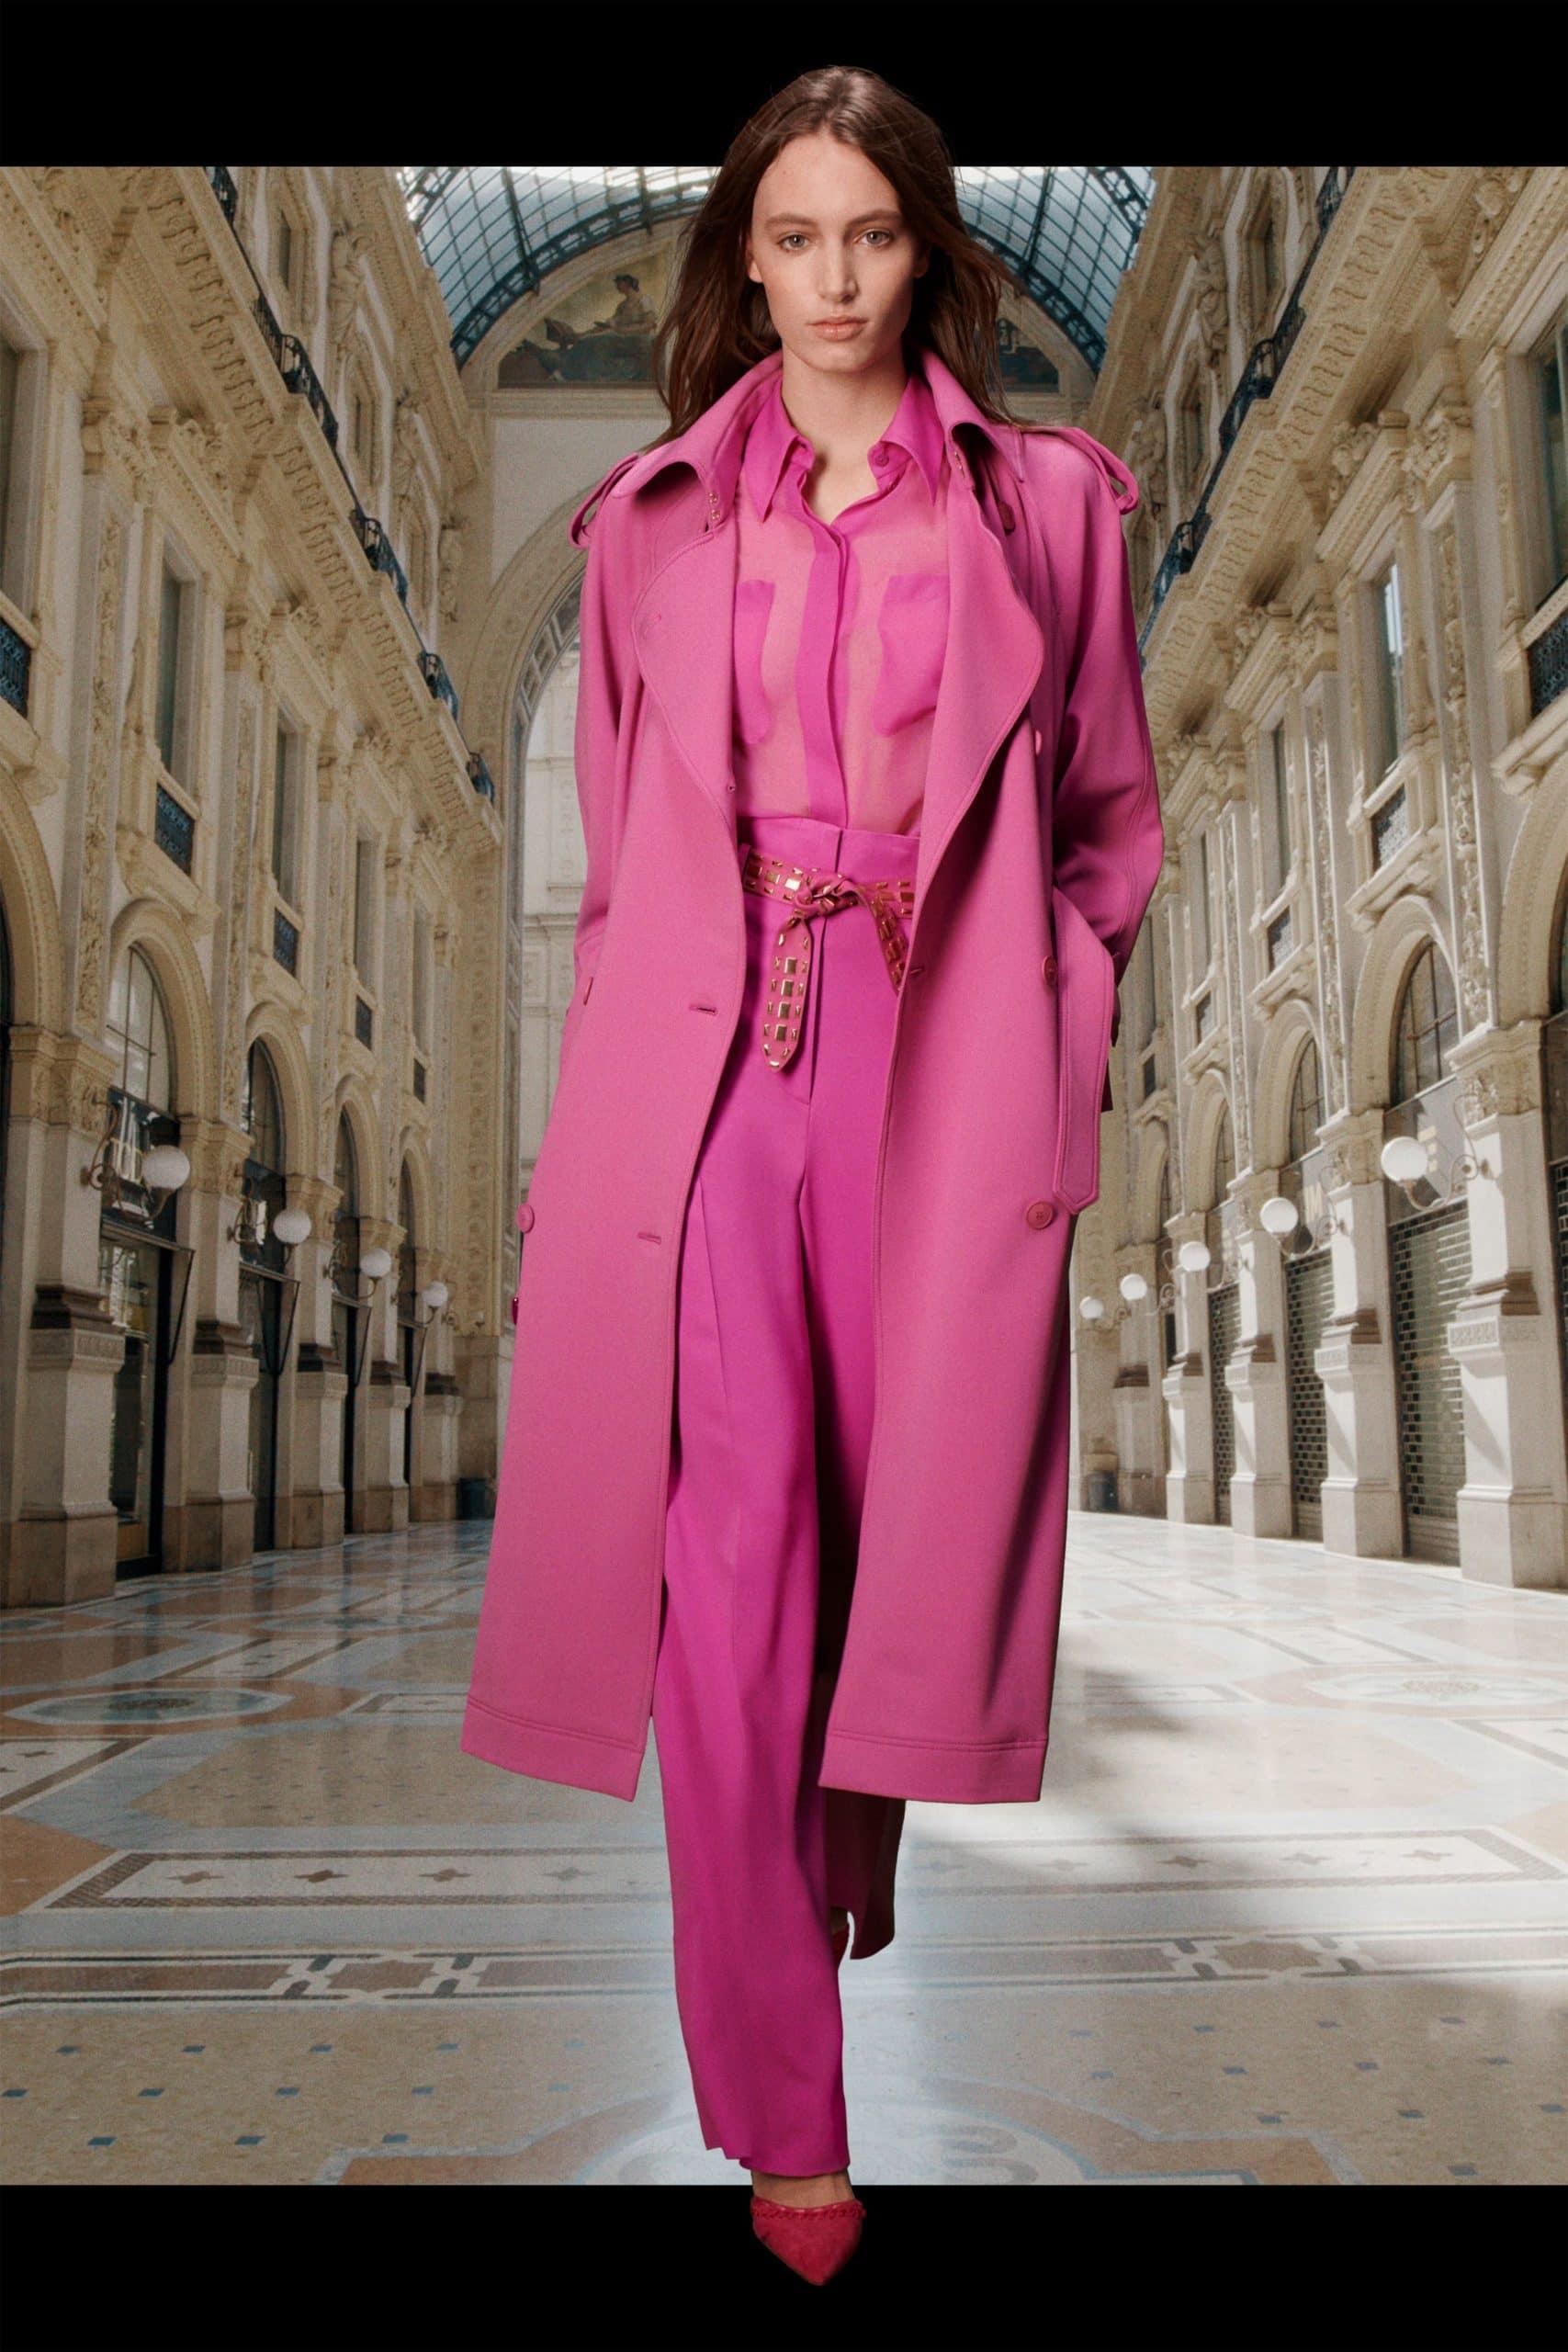 Alberta Ferretti Spring Summer 2021 (Resort 2021) Milan Digital Fashion Week by RUNWAY MAGAZINE